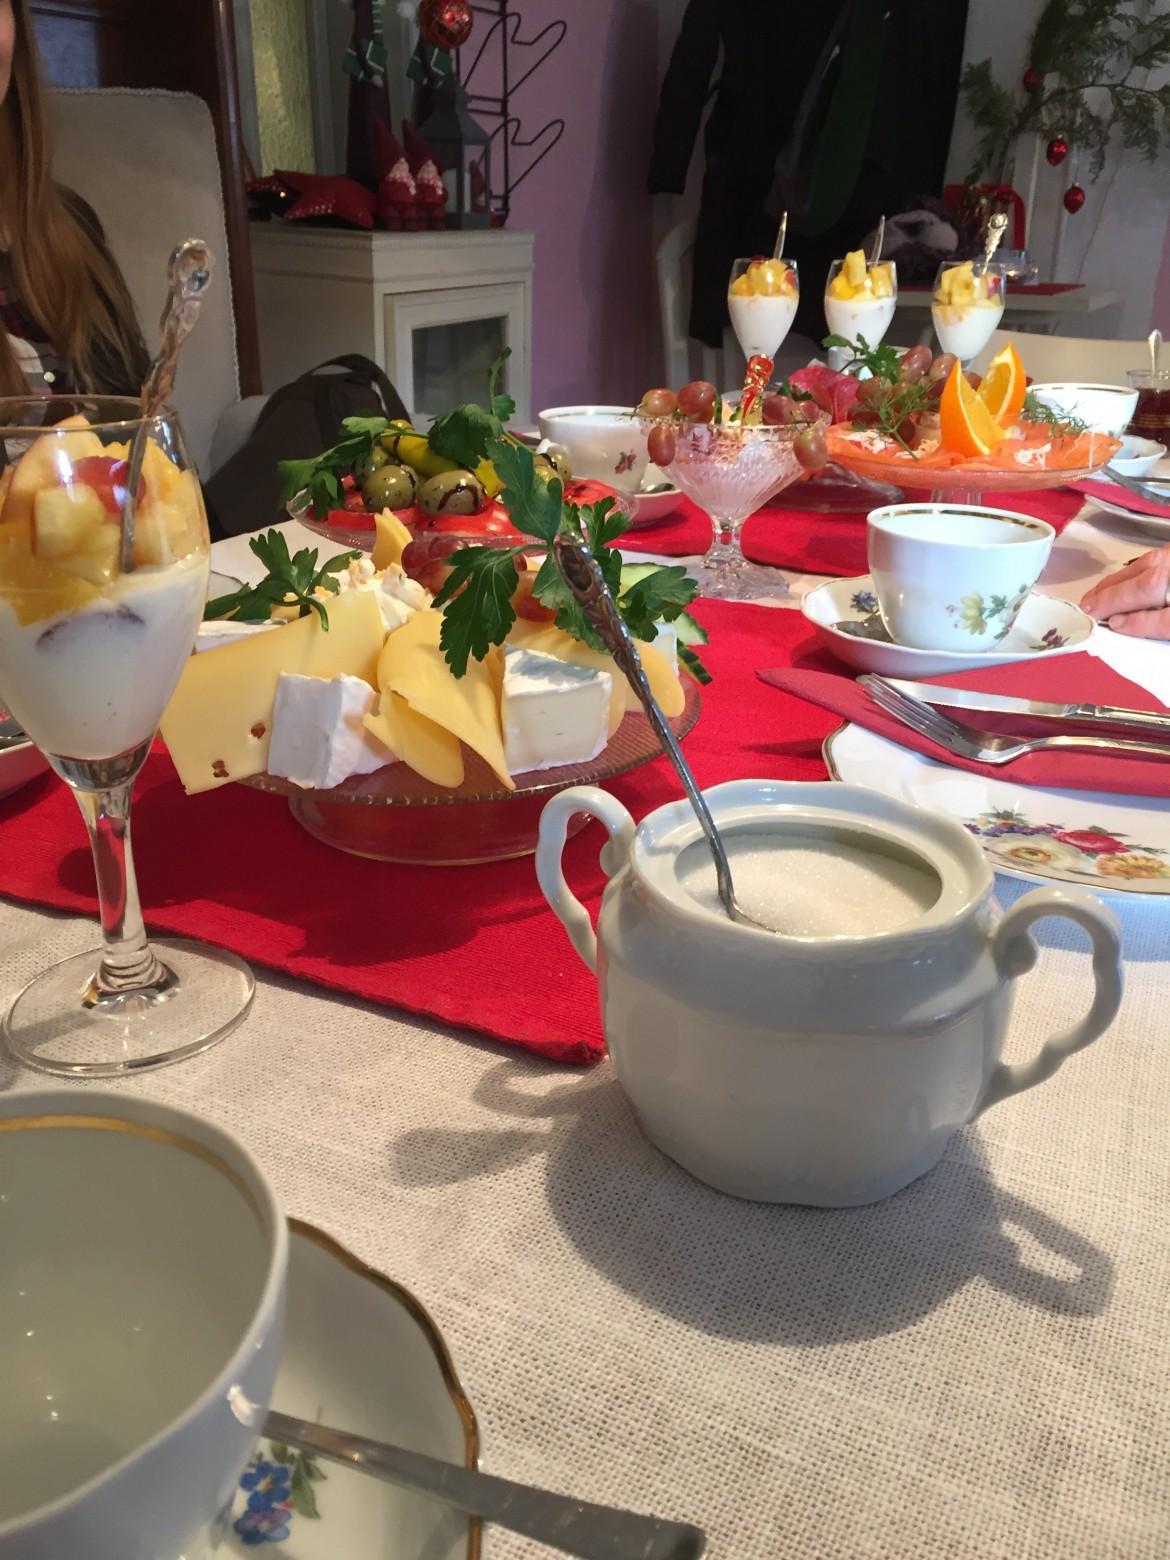 Blumencafé, Café, Kaffee, Tee, Frühstück, Garten